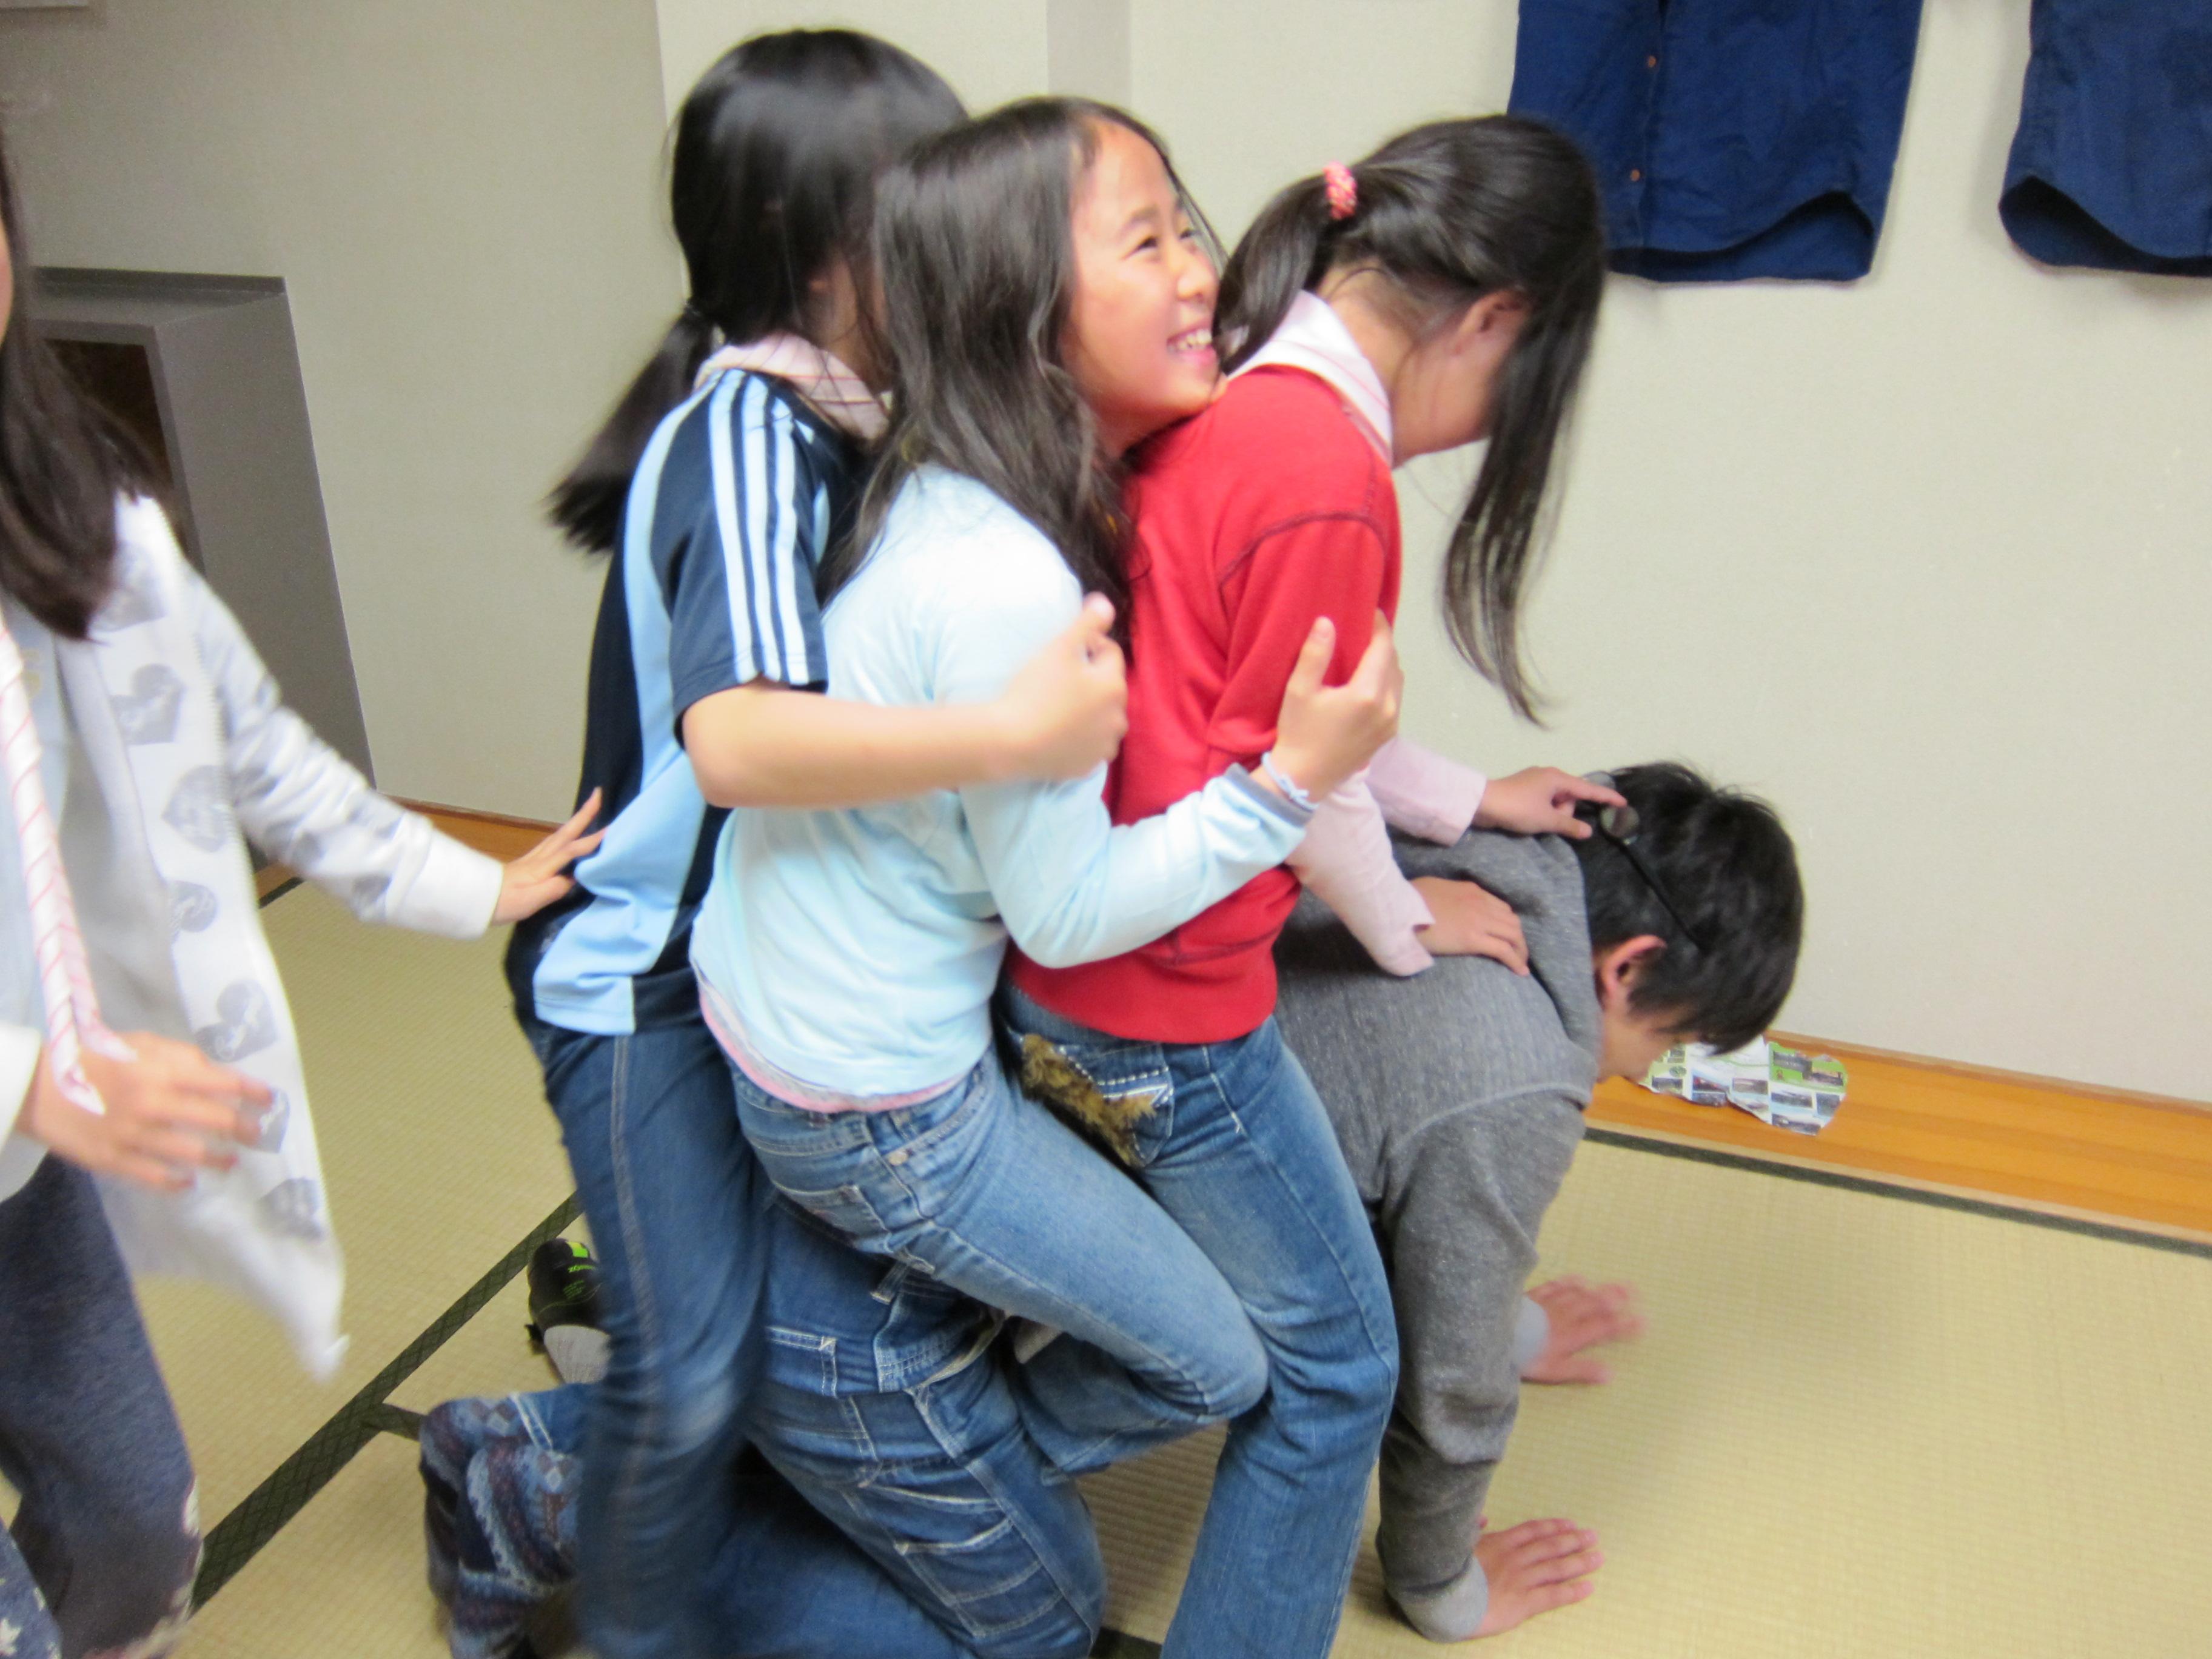 【画像】女子小学生に合法的に触れる仕事があるらしい->画像>56枚